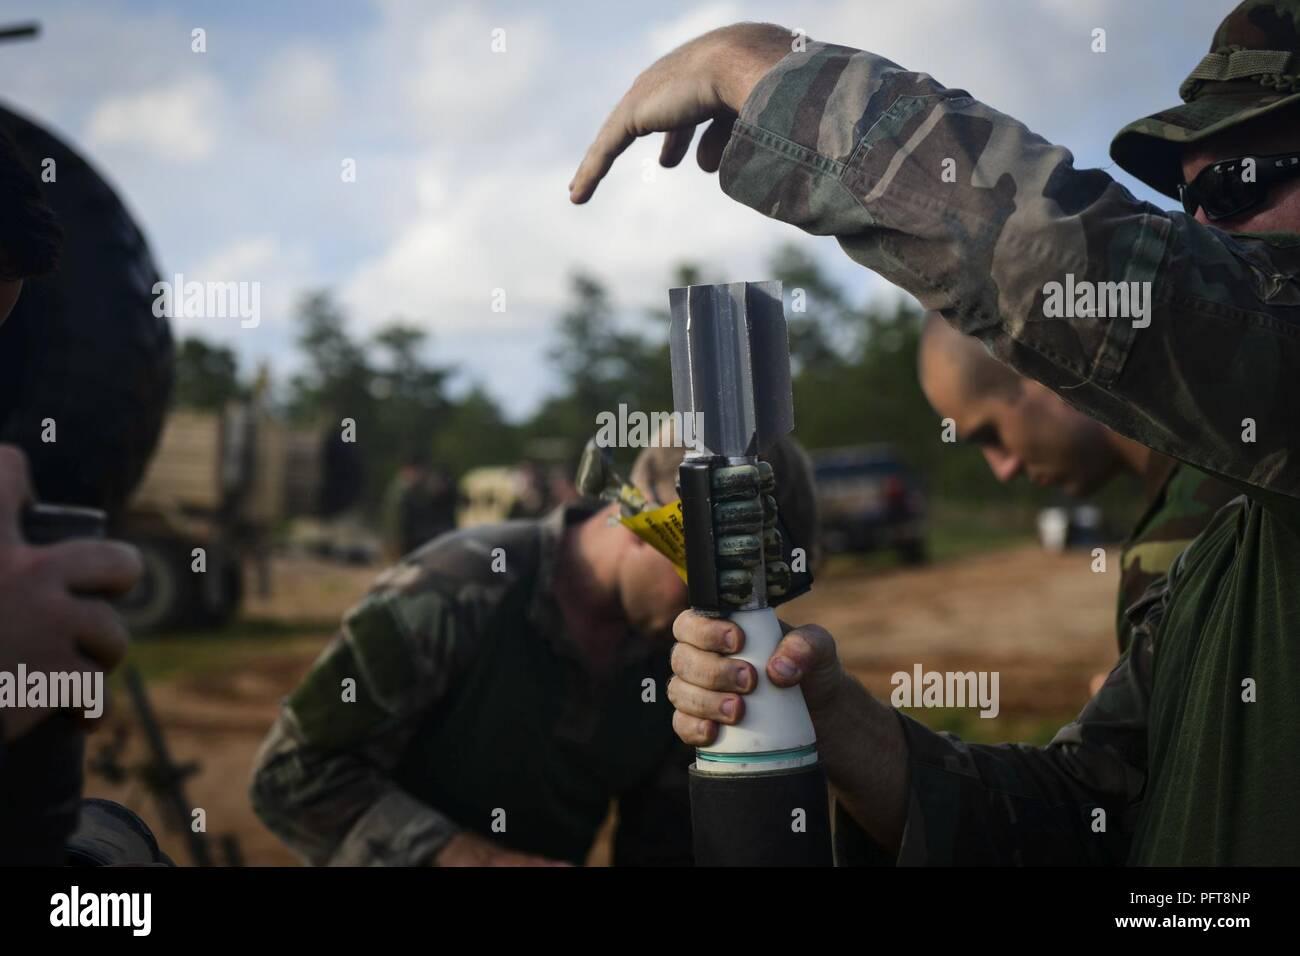 Mortar Rounds Stock Photos & Mortar Rounds Stock Images - Alamy